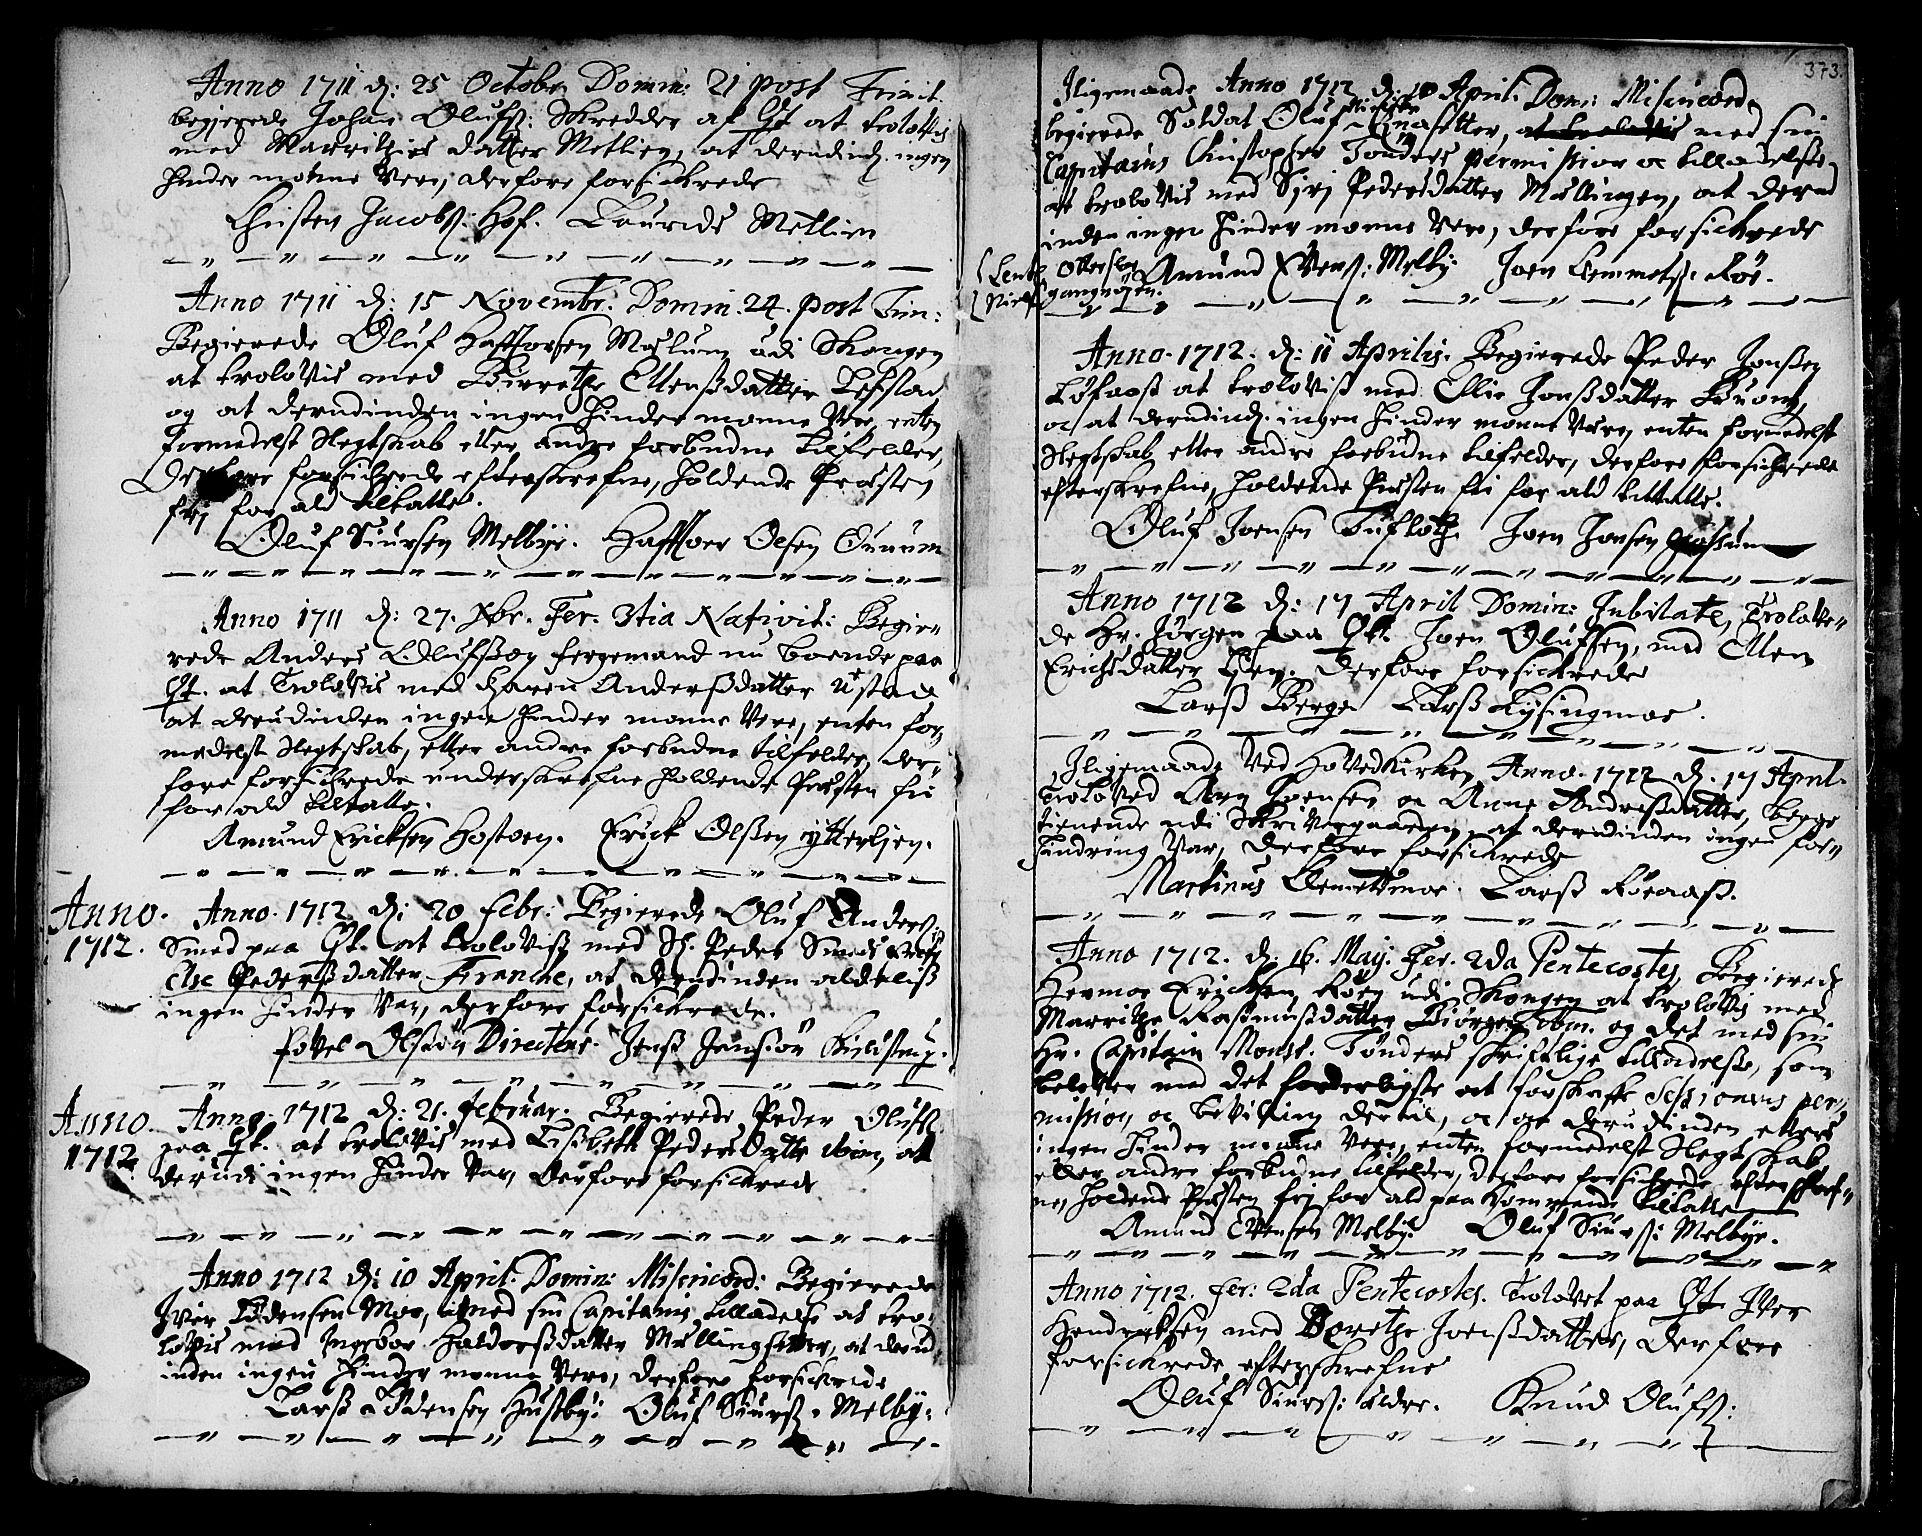 SAT, Ministerialprotokoller, klokkerbøker og fødselsregistre - Sør-Trøndelag, 668/L0801: Ministerialbok nr. 668A01, 1695-1716, s. 372-373